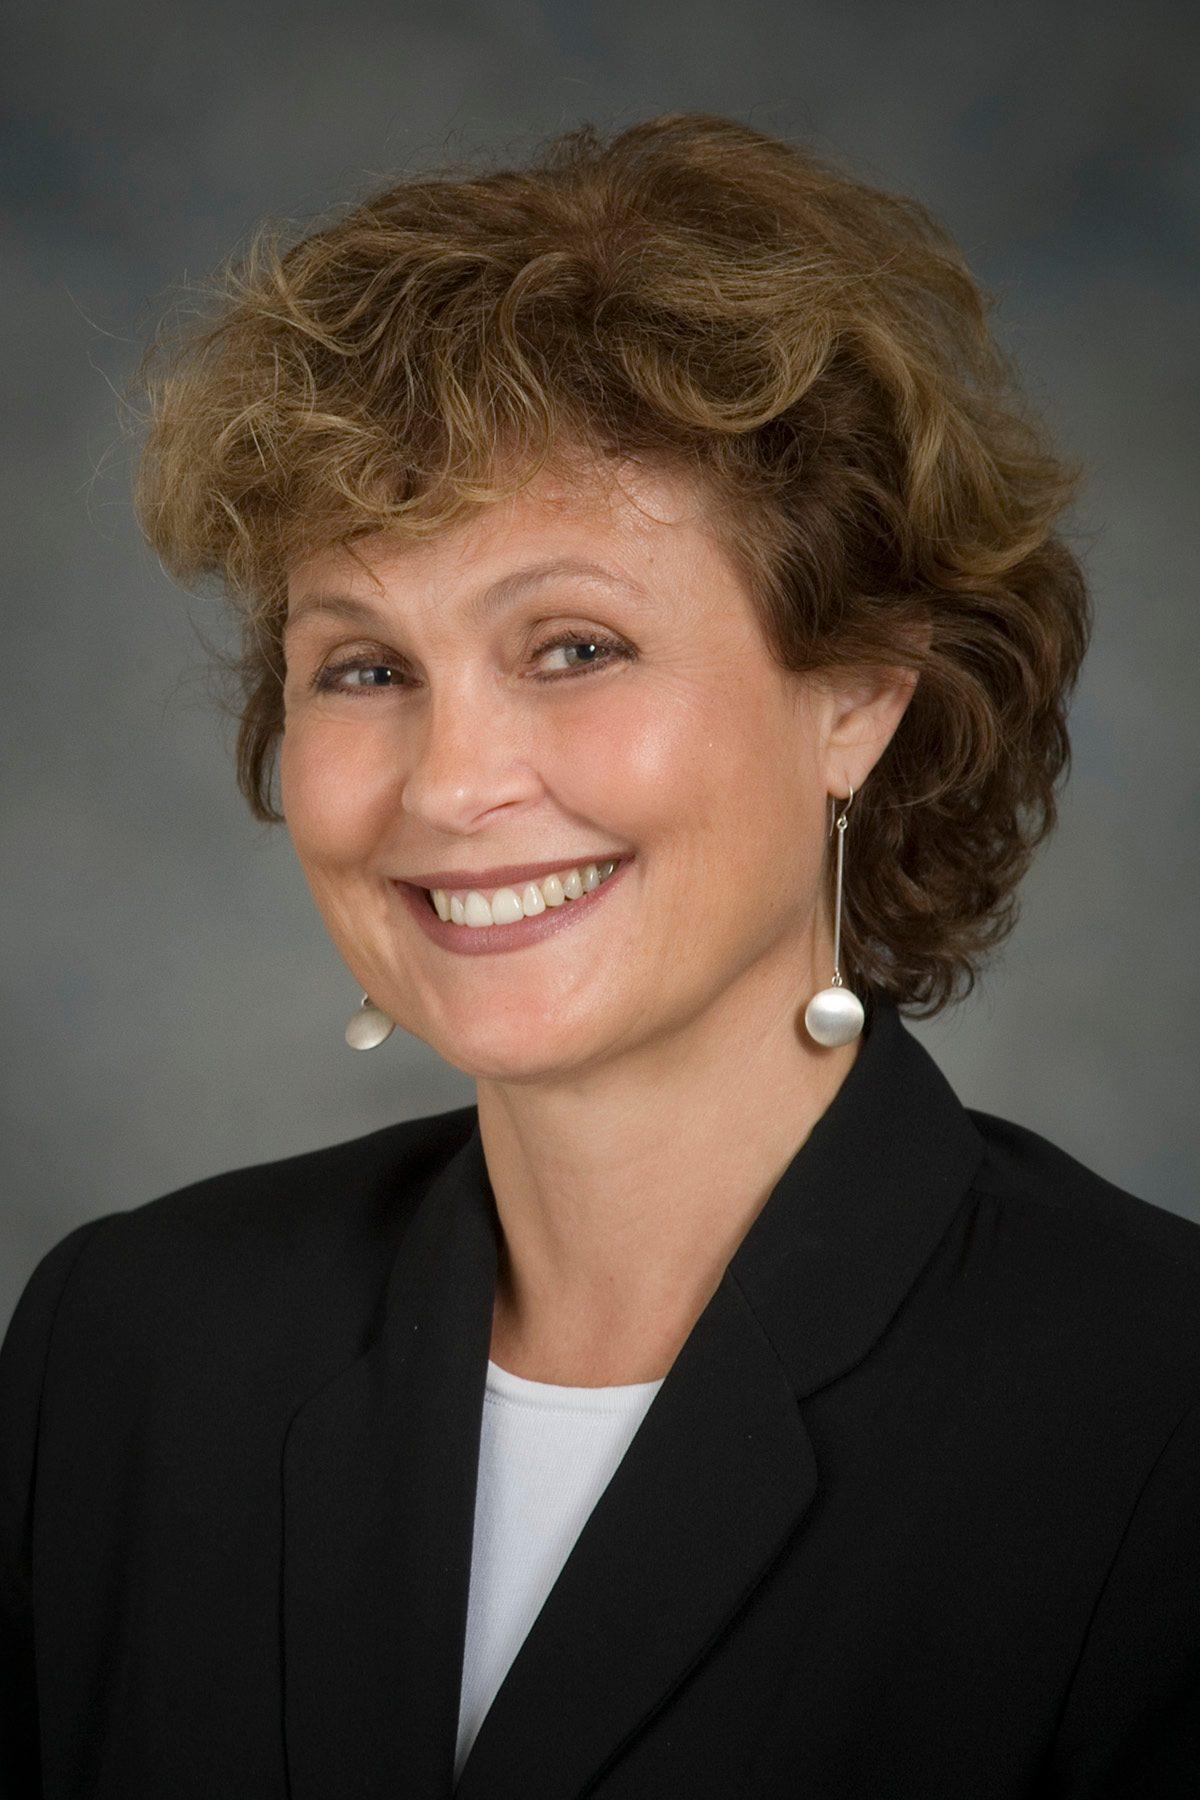 Maria Suarez-Almazor, MD, PhD